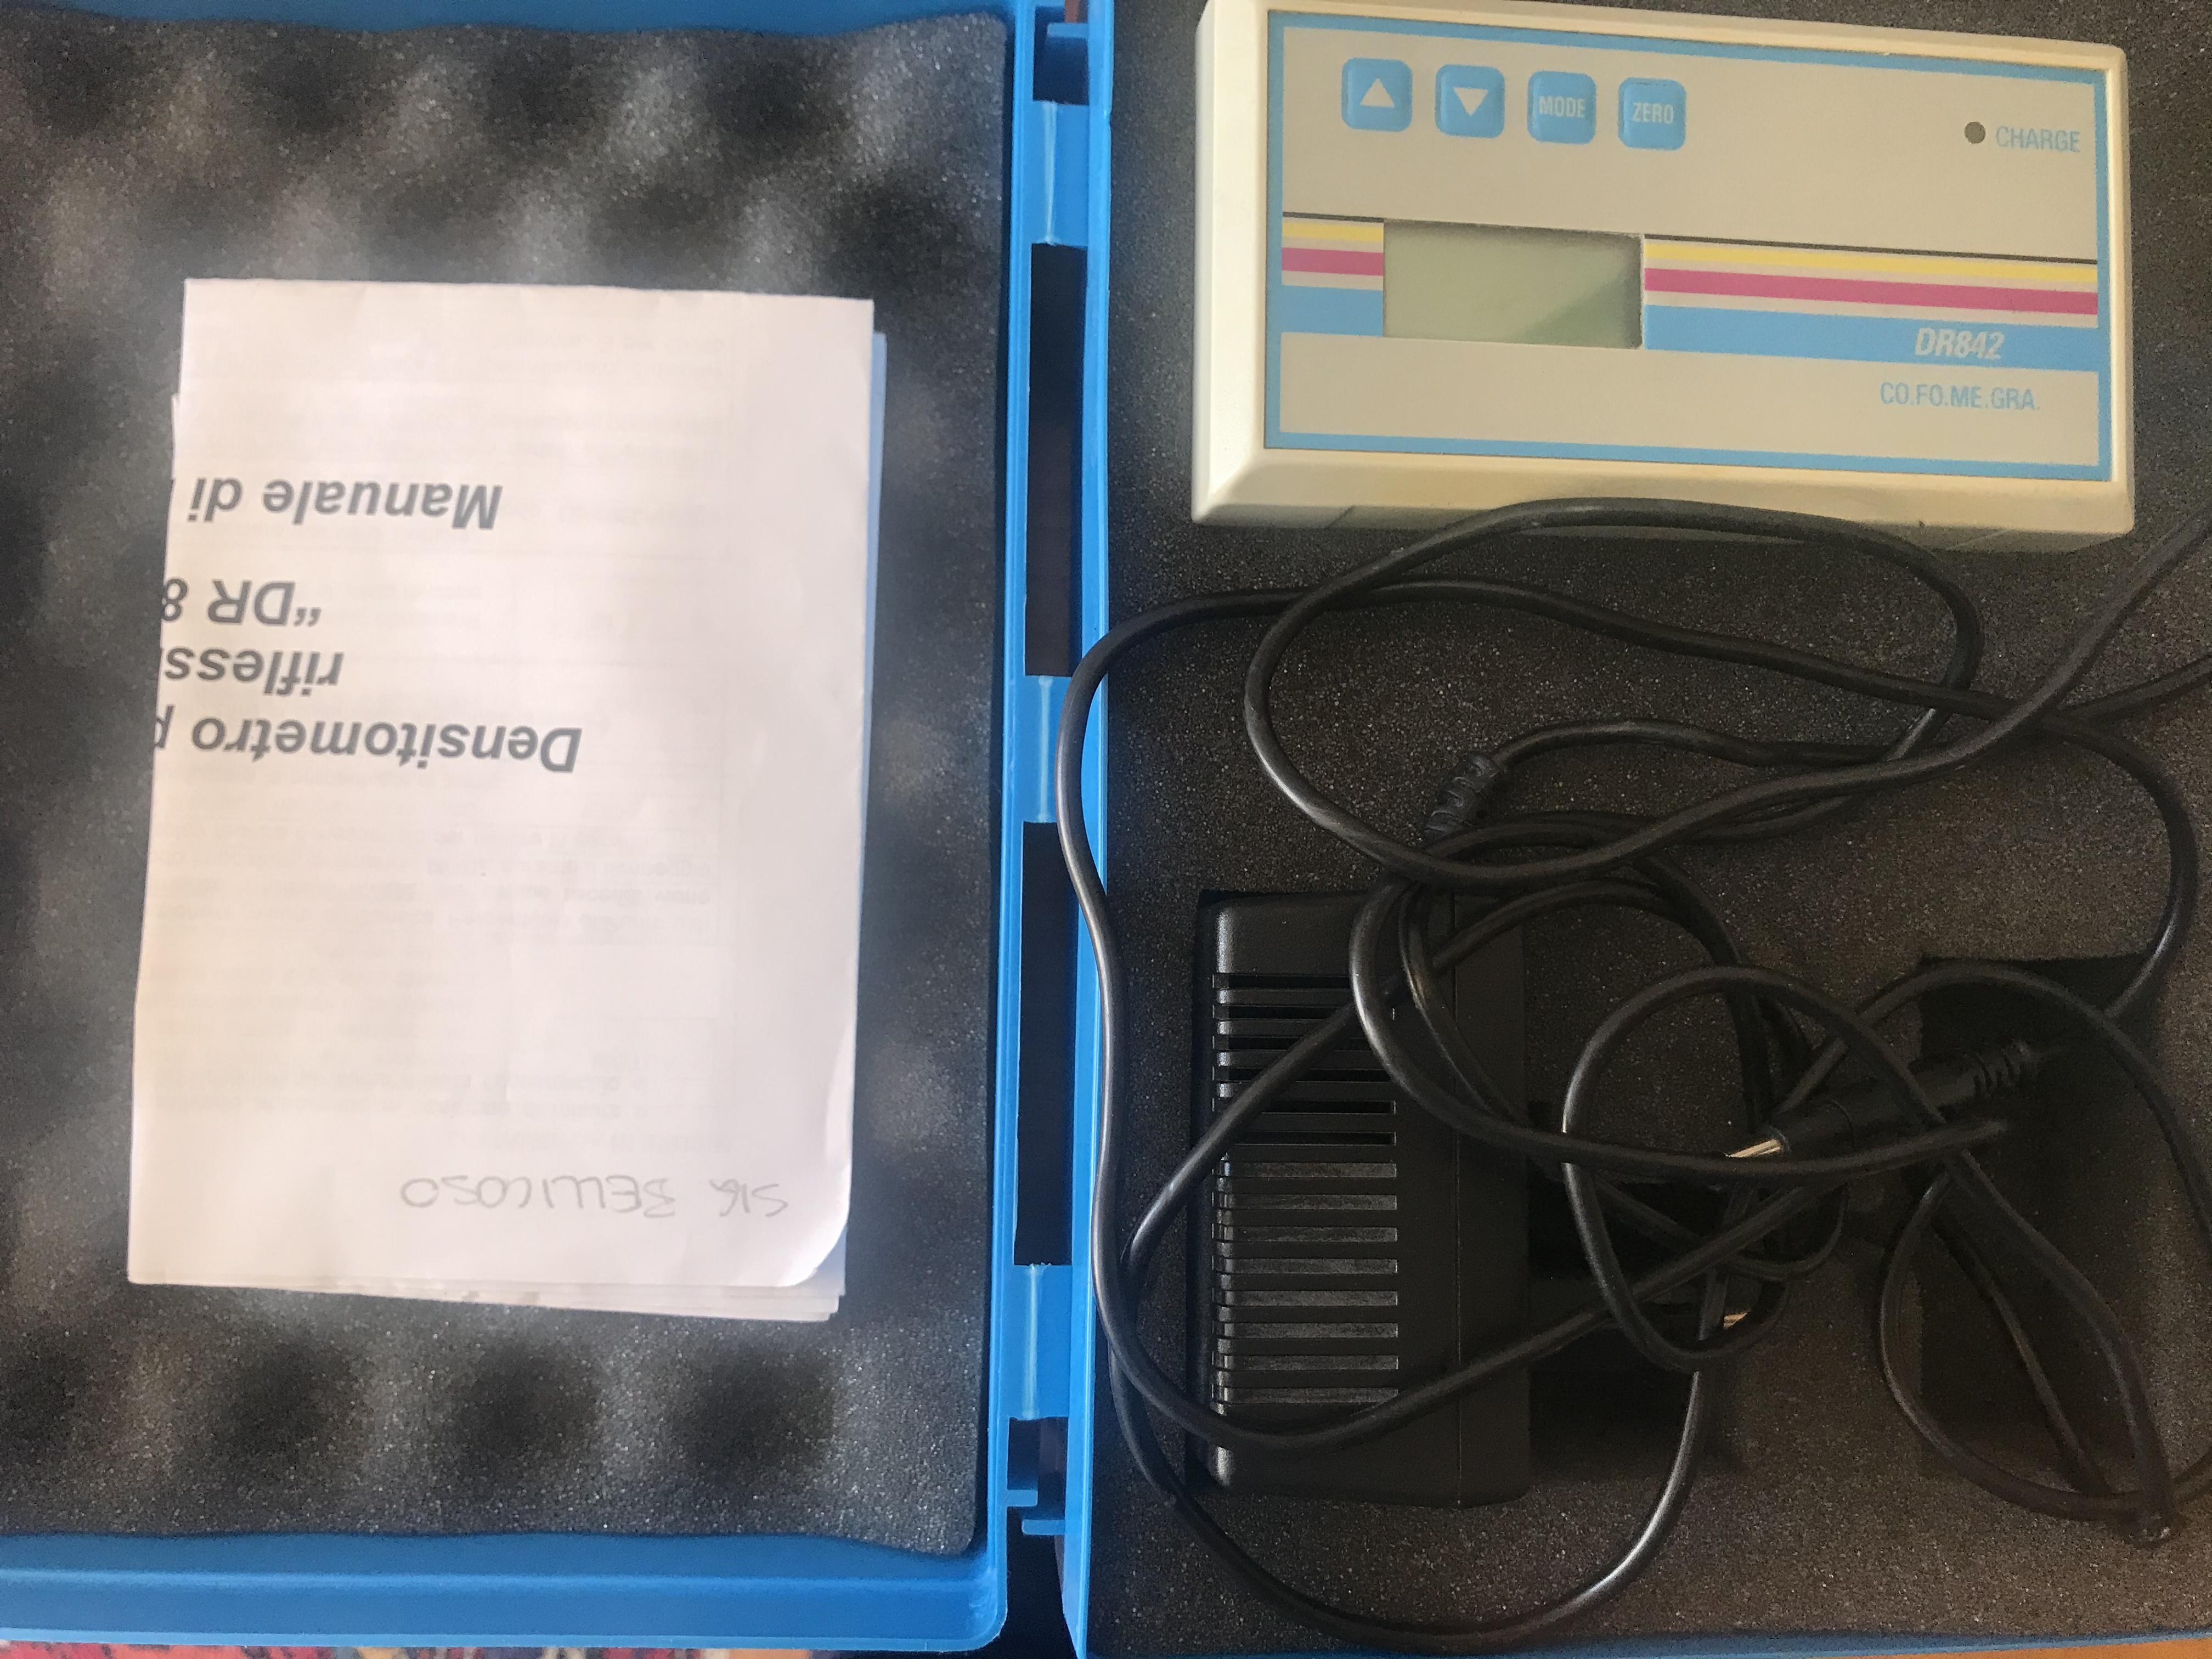 Densitometro colore co.fo.megra in vendita - foto 2